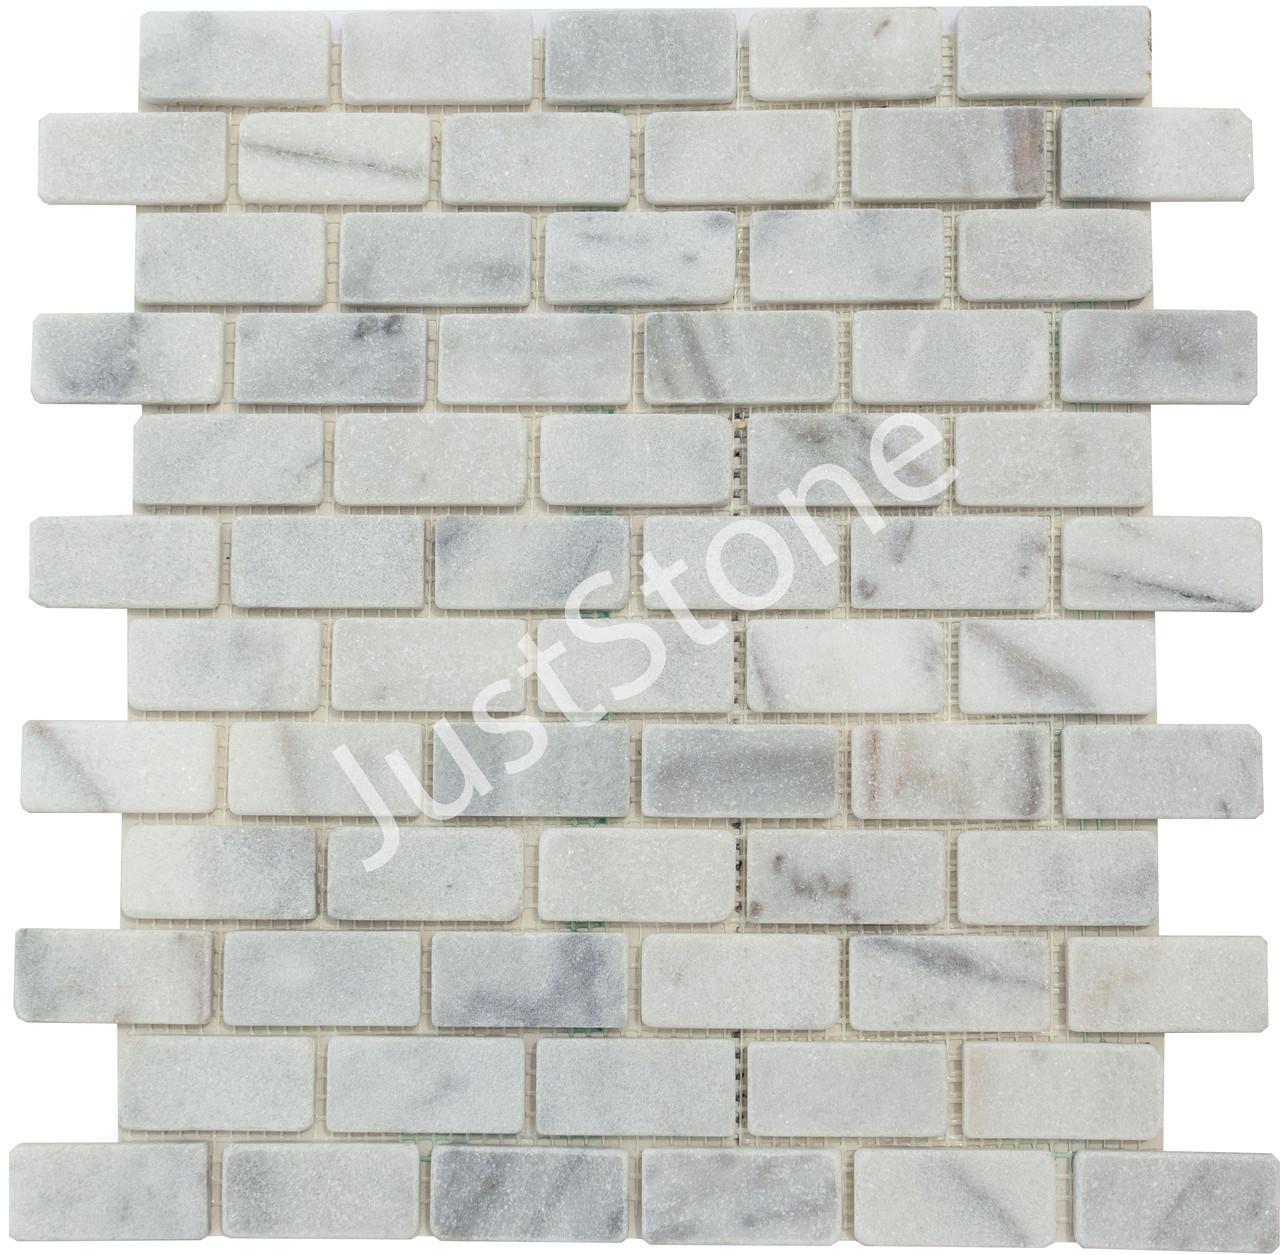 Мозаичная плитка Стар.Валт. МКР-11СВ (47х23) 6 мм White Mix